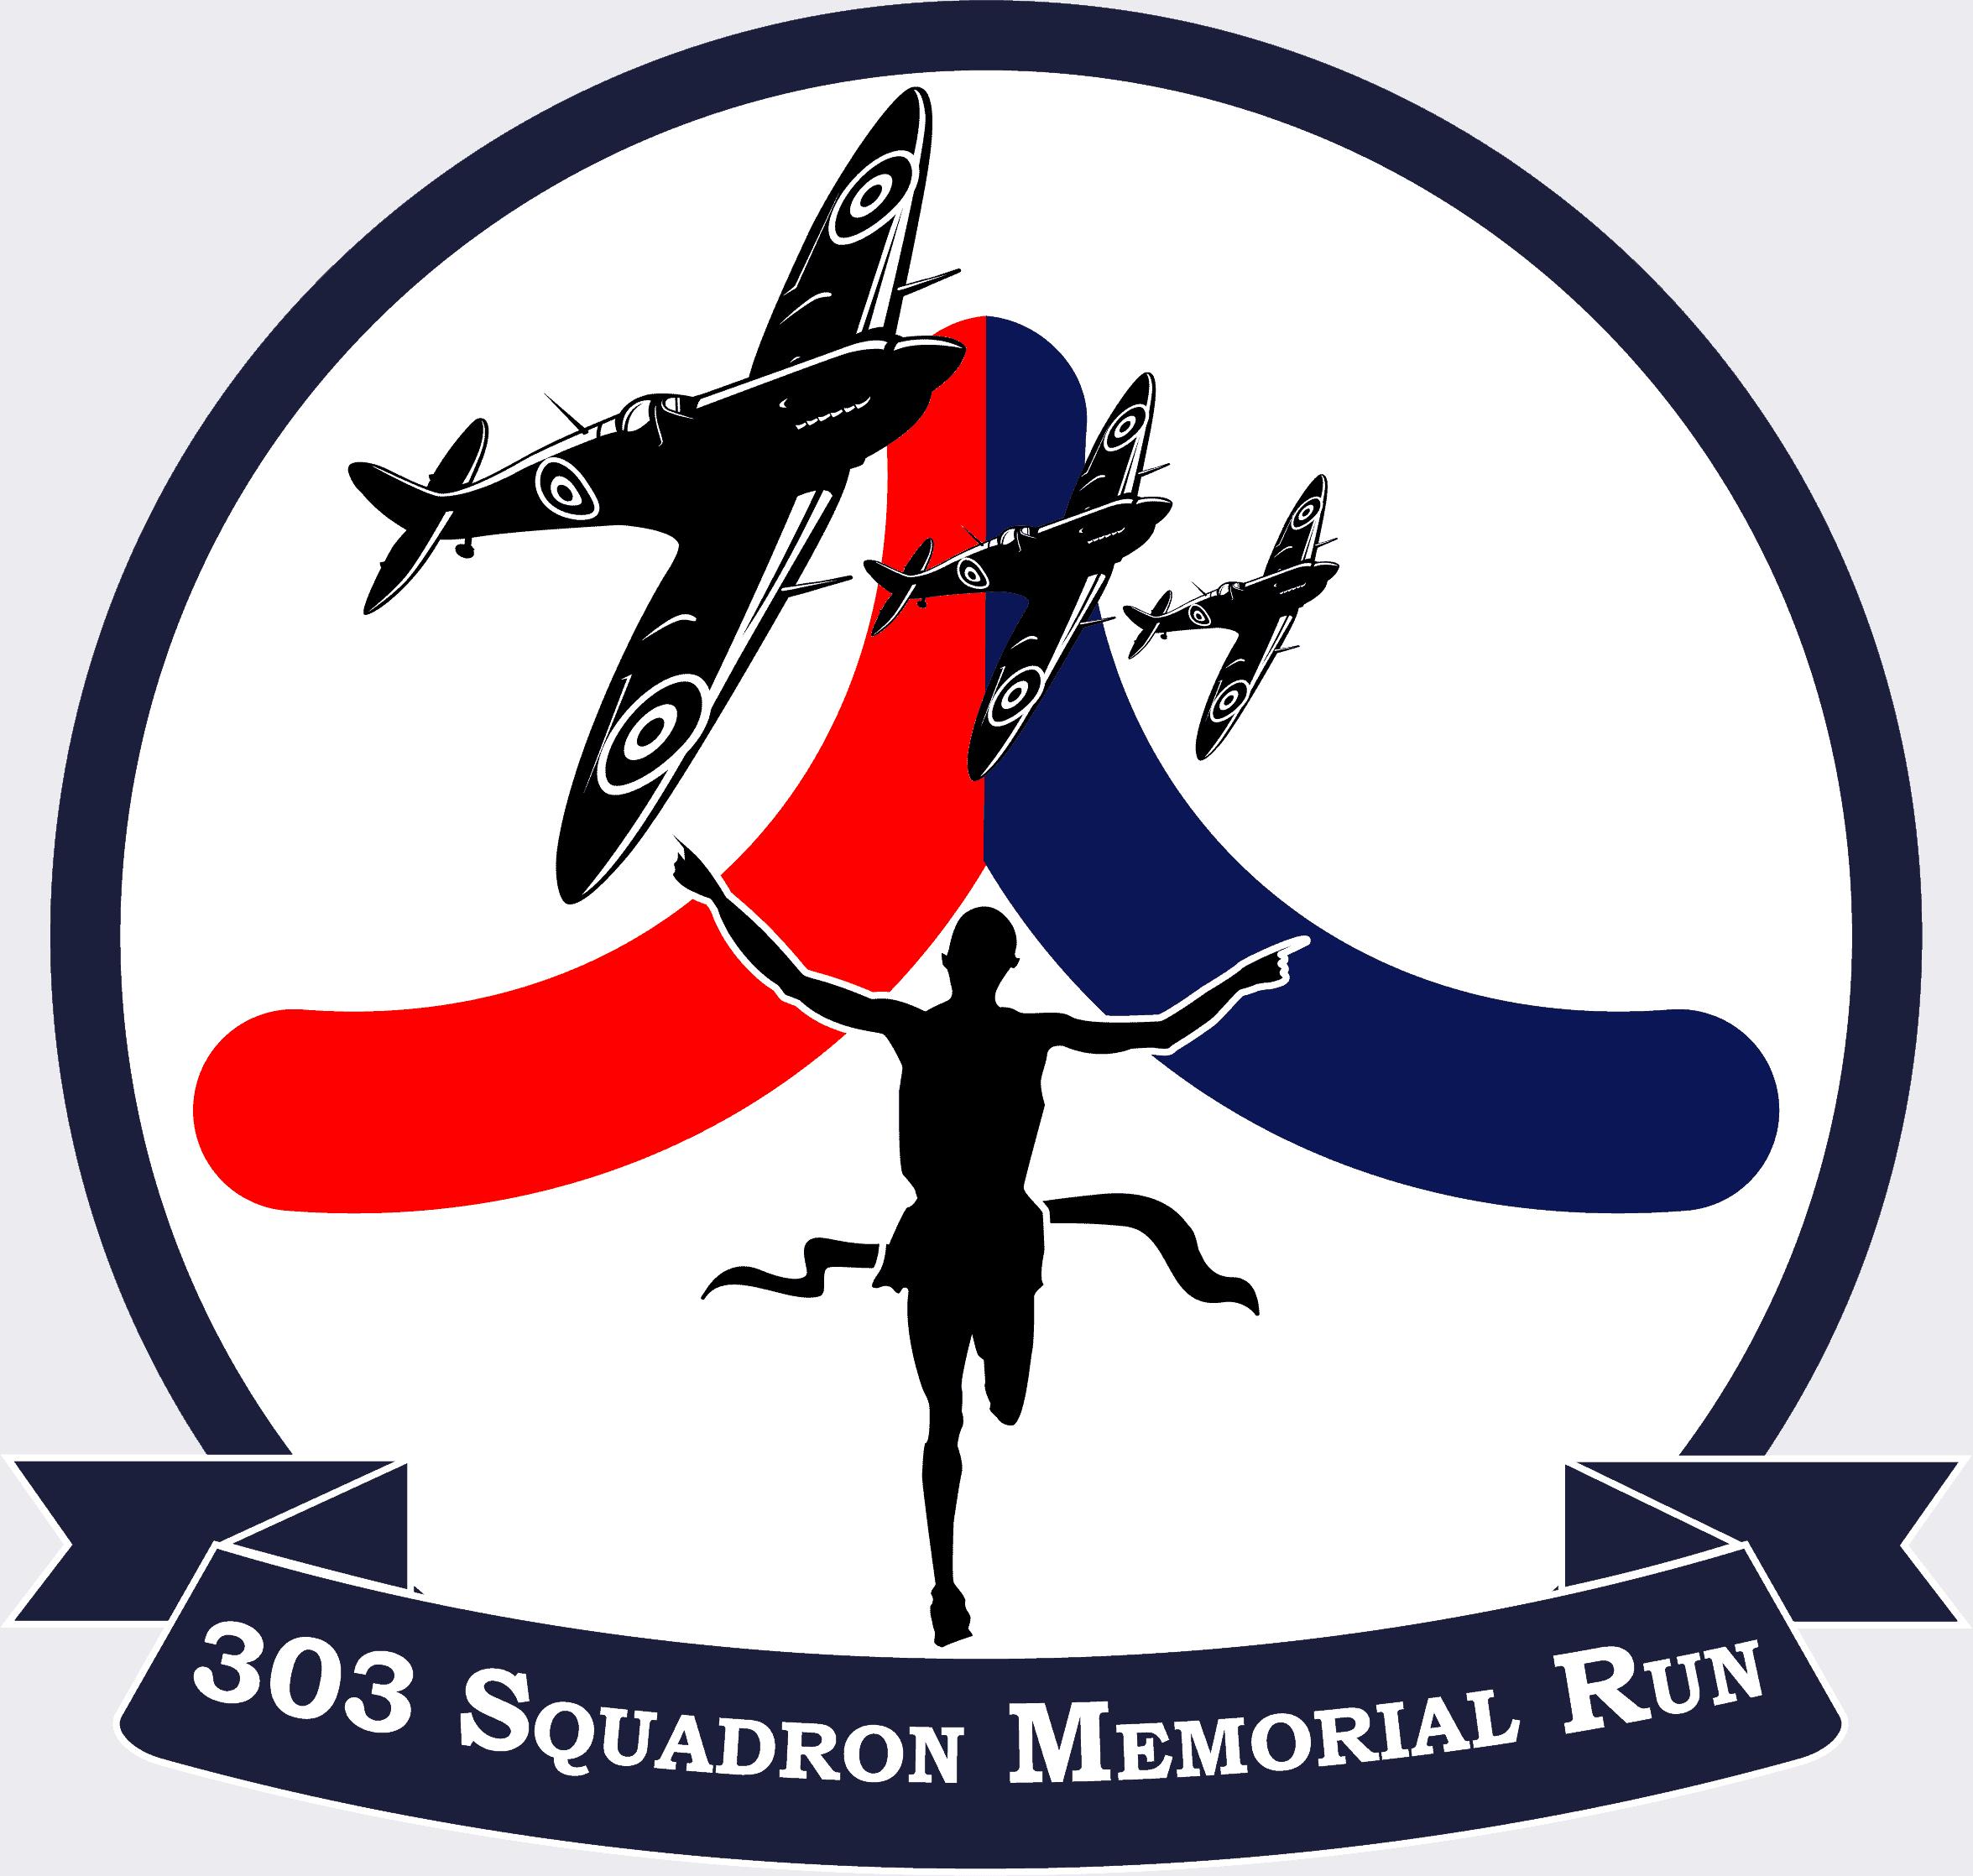 303 squadron memorial run logo